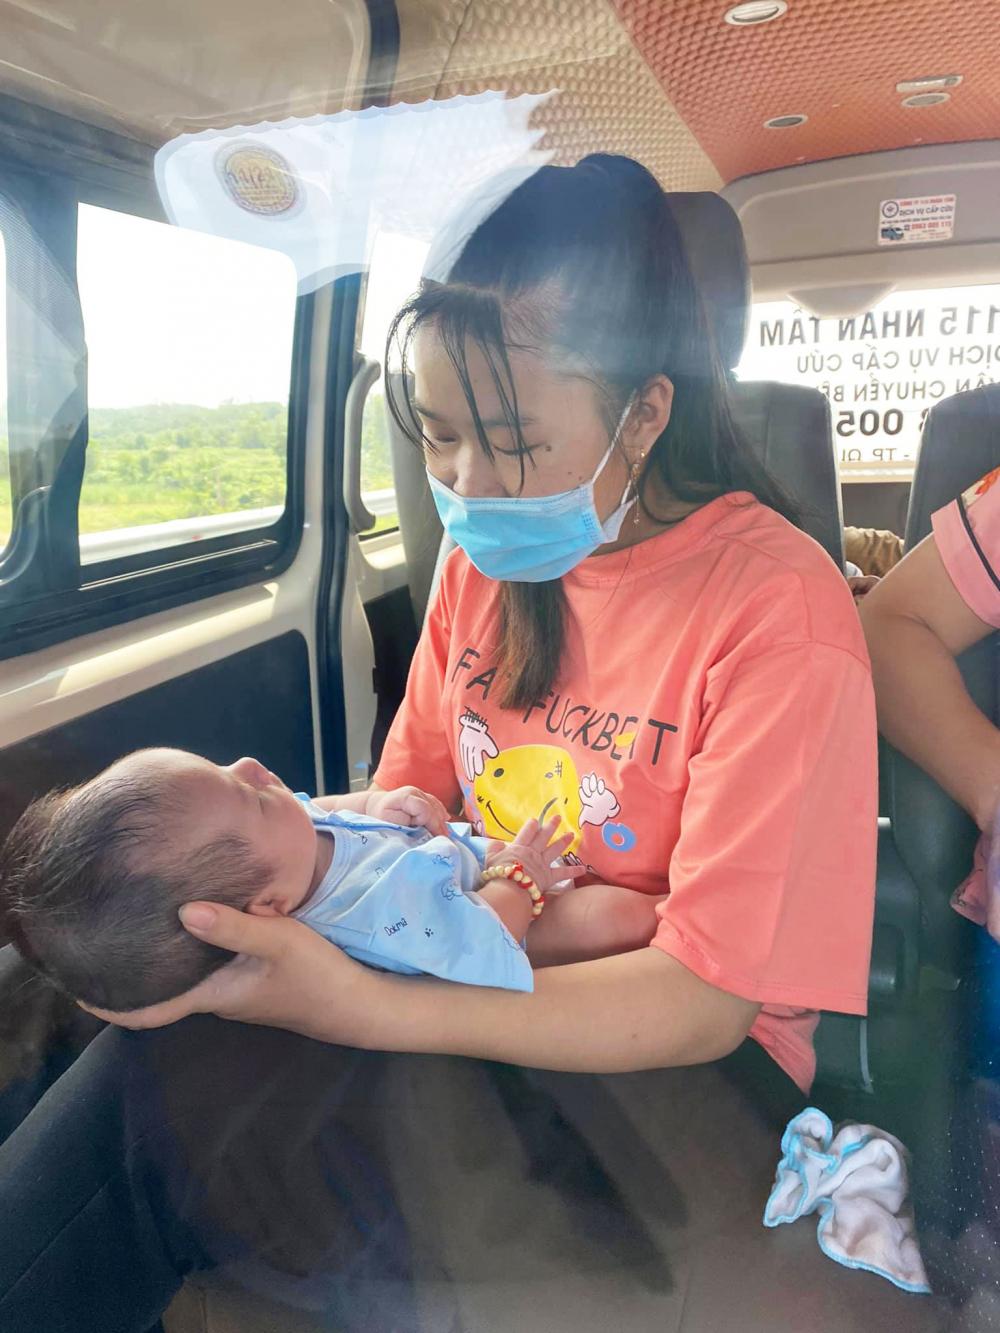 Em bé hồi hương bằng xe máy cùng gia đình đã được trung chuyển bằng ô tô